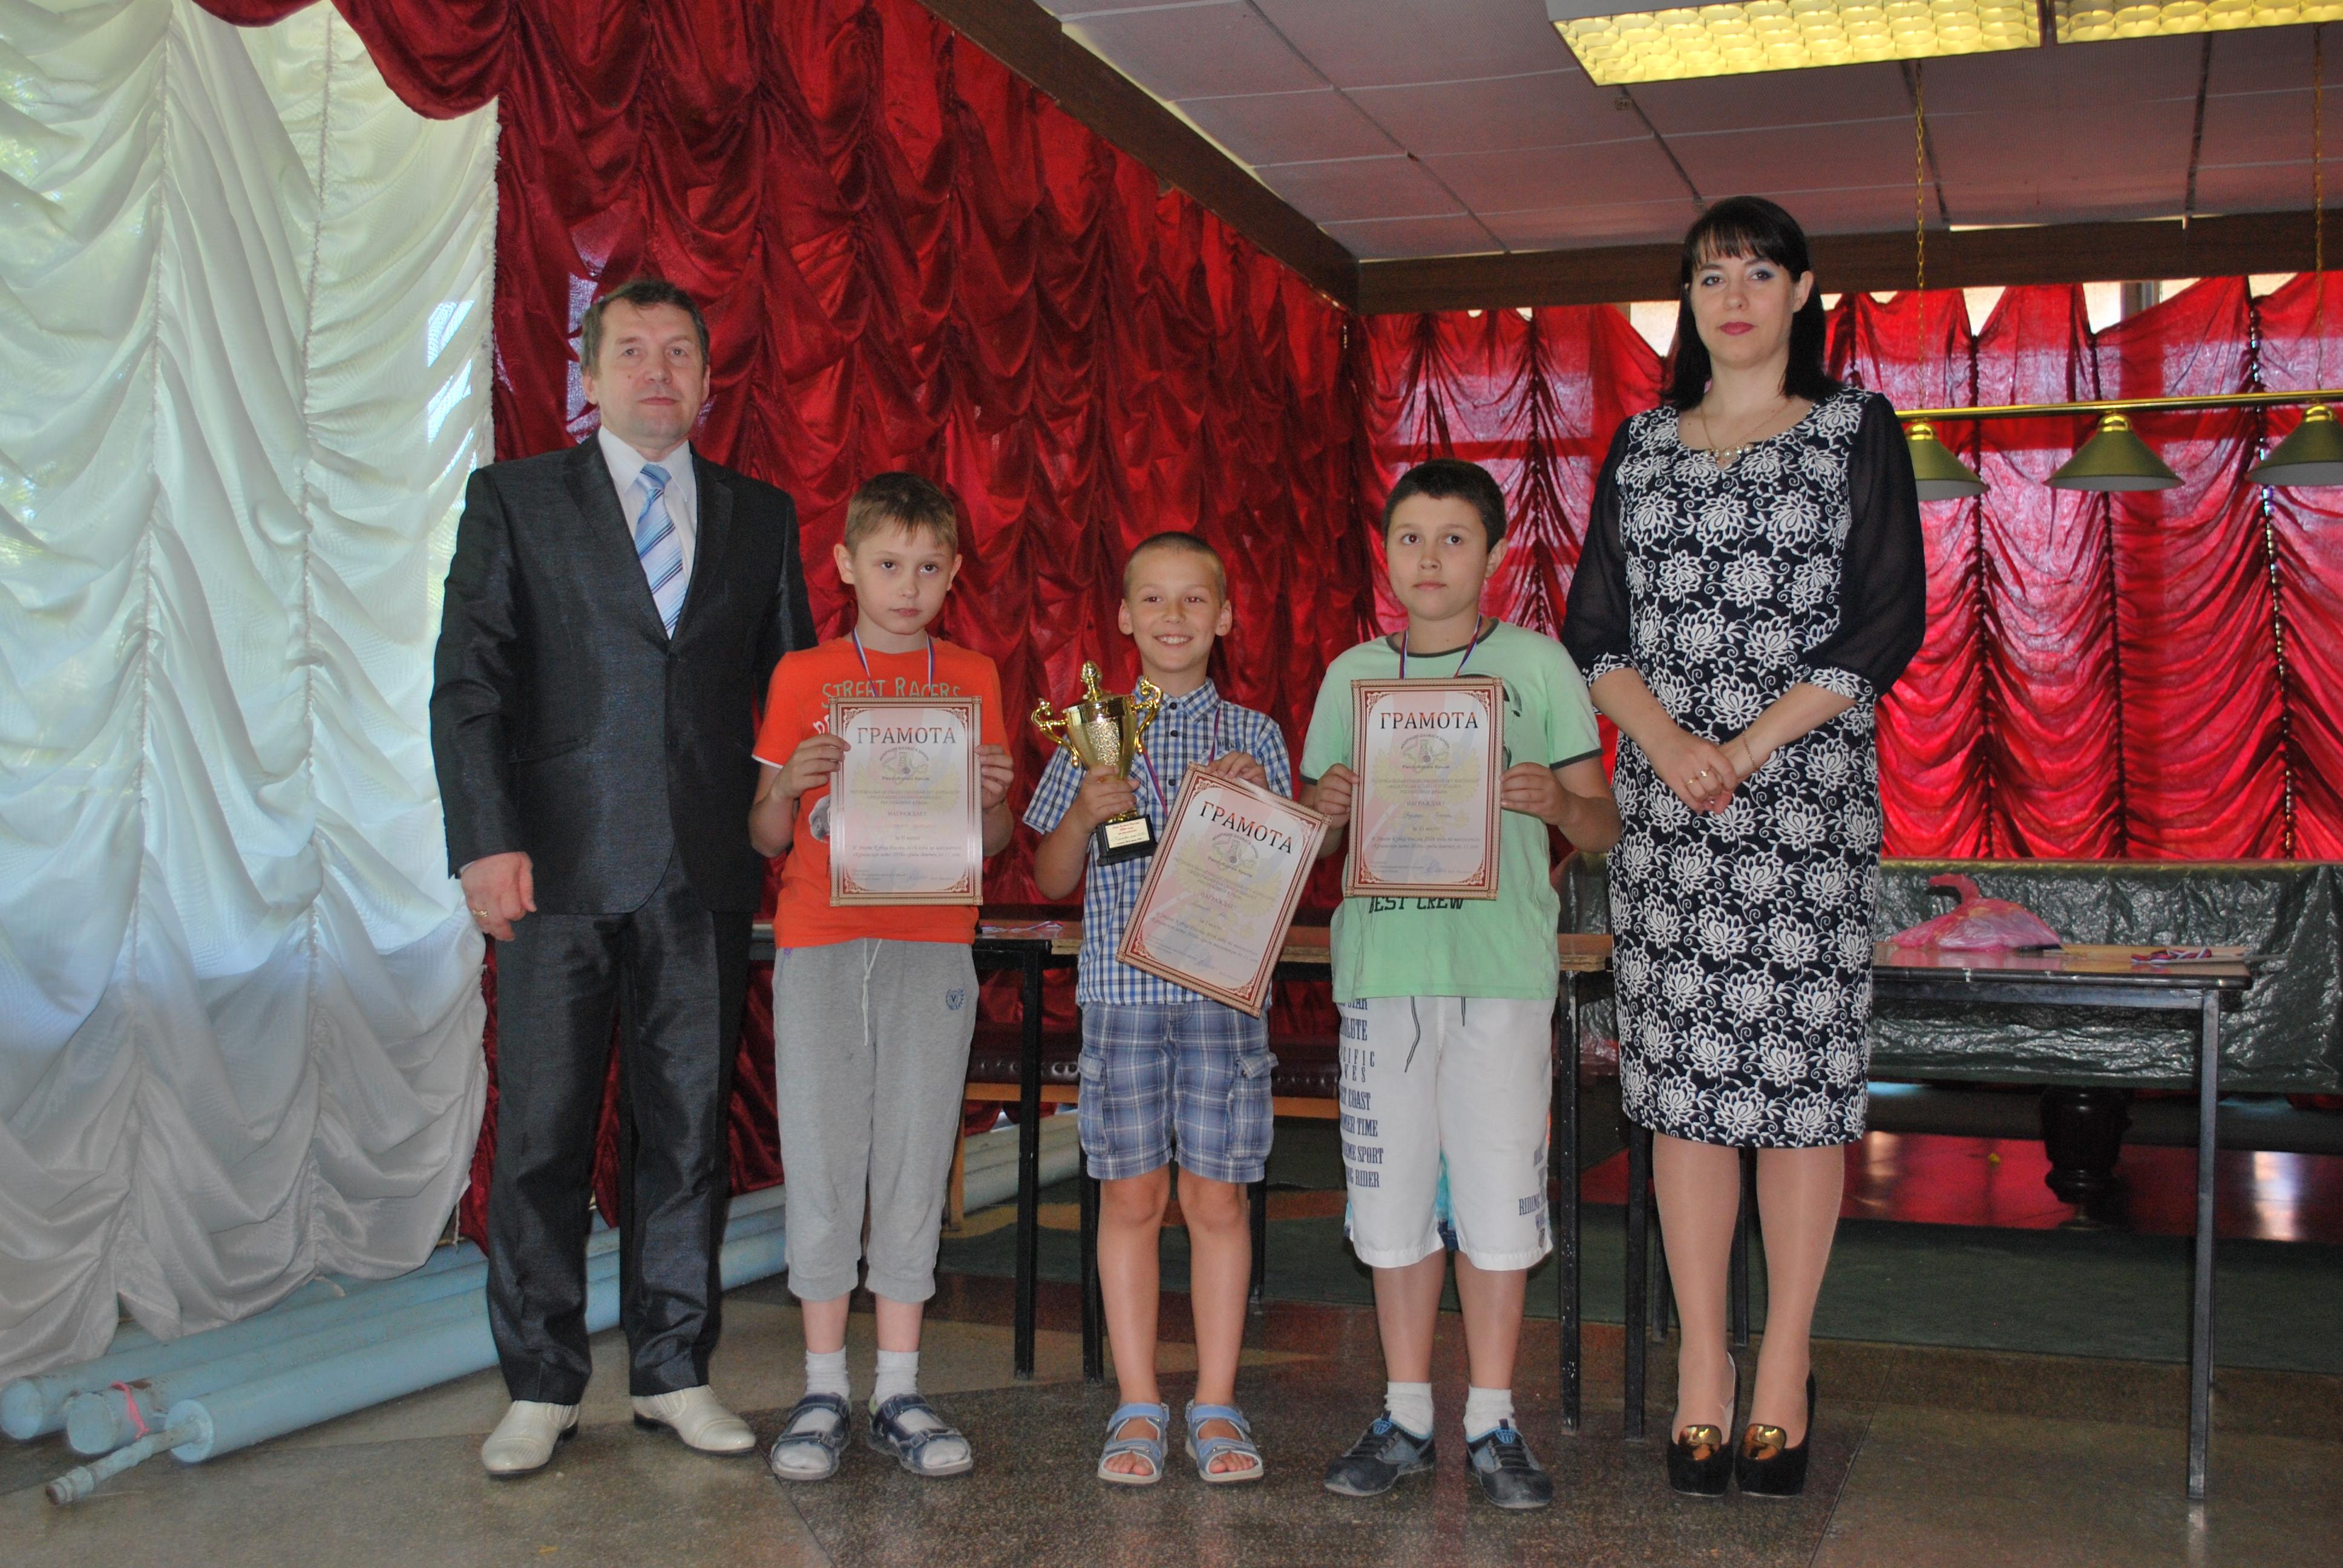 Владимир Кобылянский(слева среди призеров)-второе место-небольшая капля дегтя в бочке меда при отличной игре!